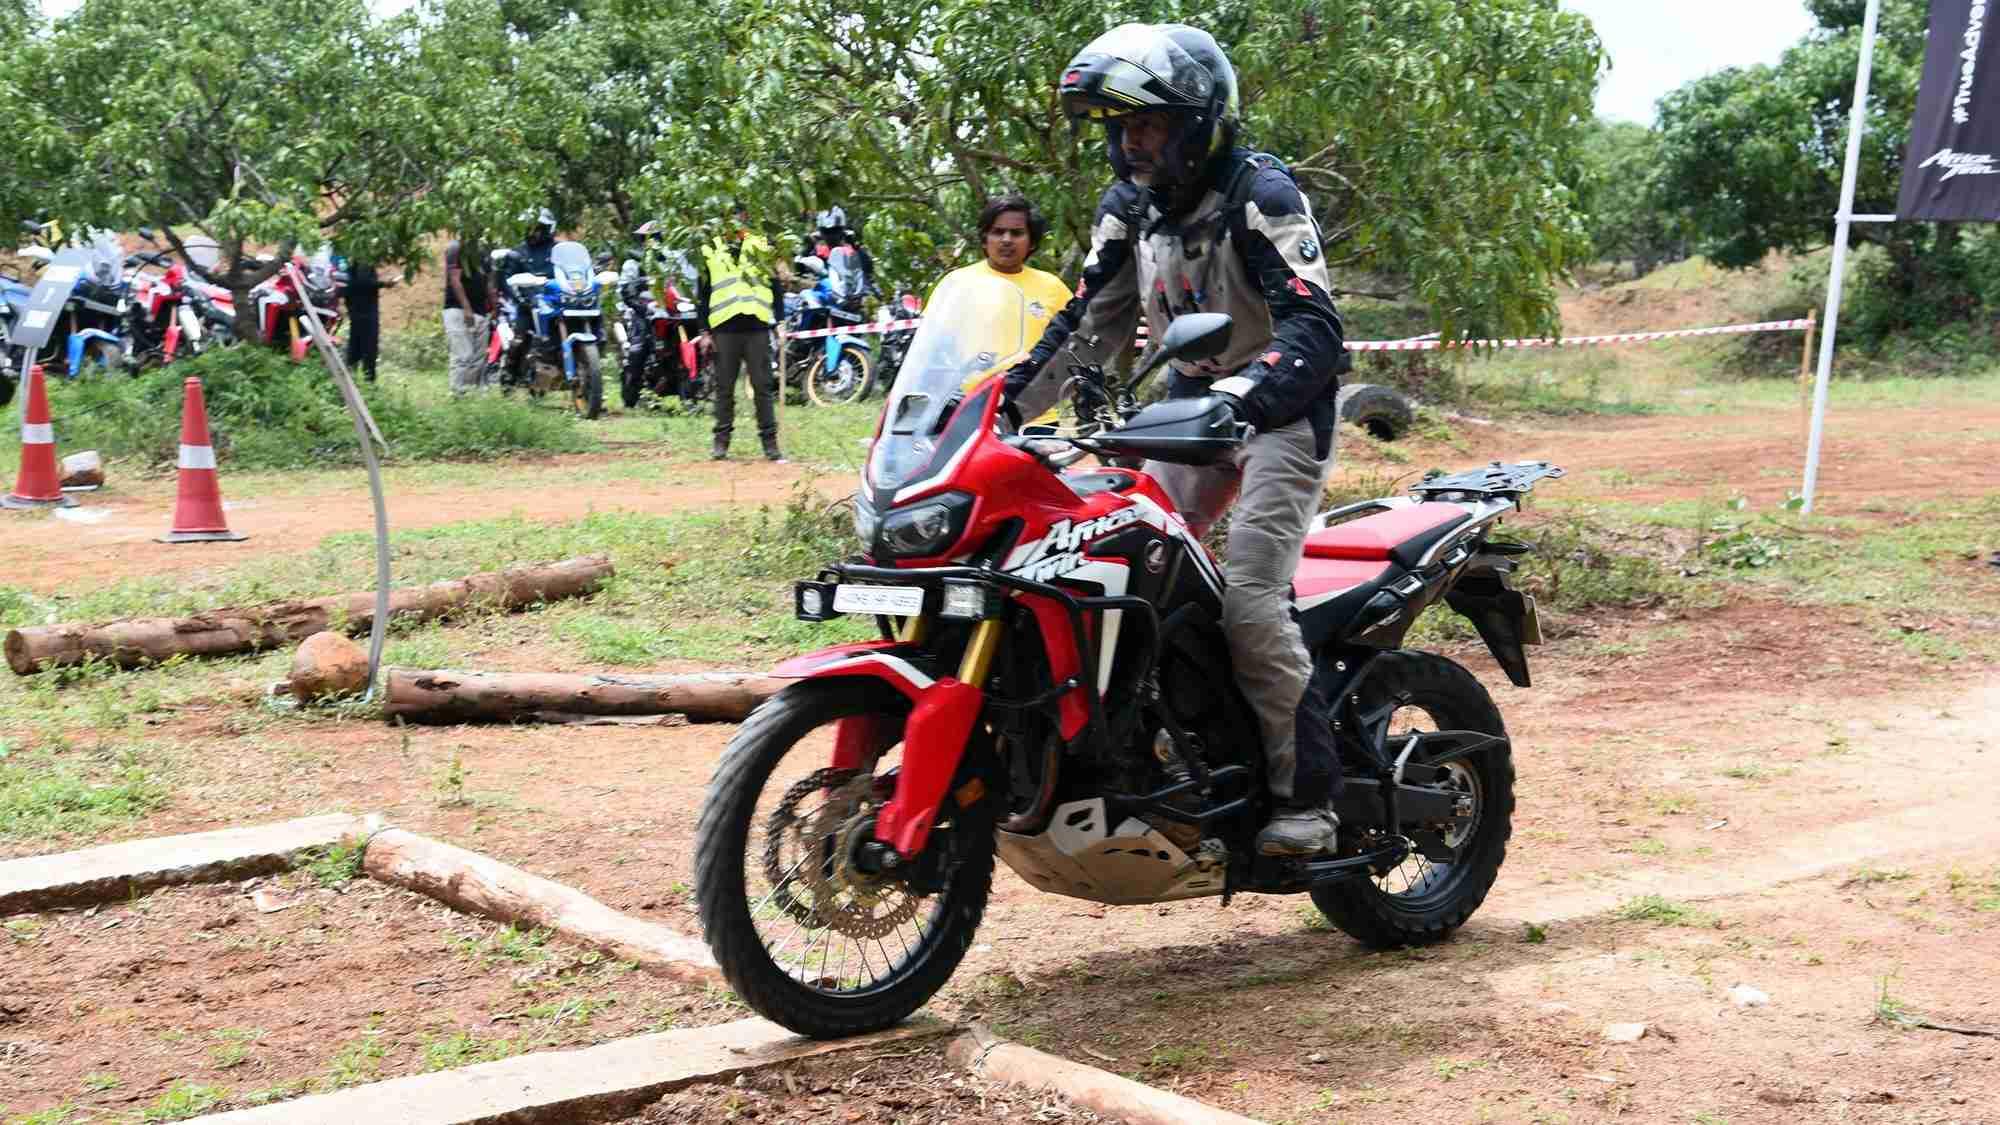 Honda Africa Twin True Adventure Camp reaches Bengaluru